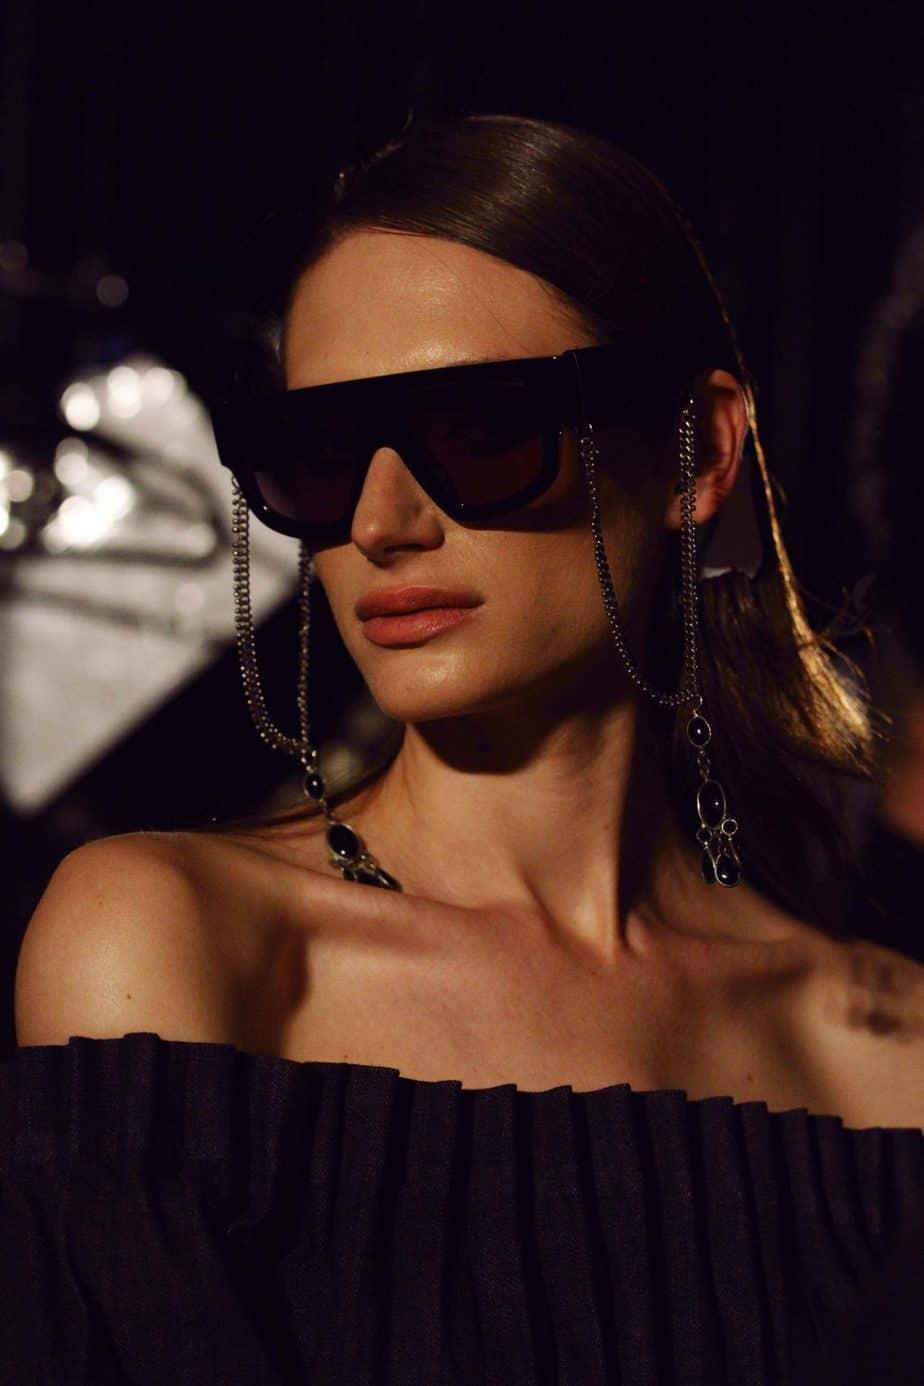 תצוגת משכית, קולקציית משכית, שבוע אופנה תל אביב 2019. צילום עומר רביבי - 116